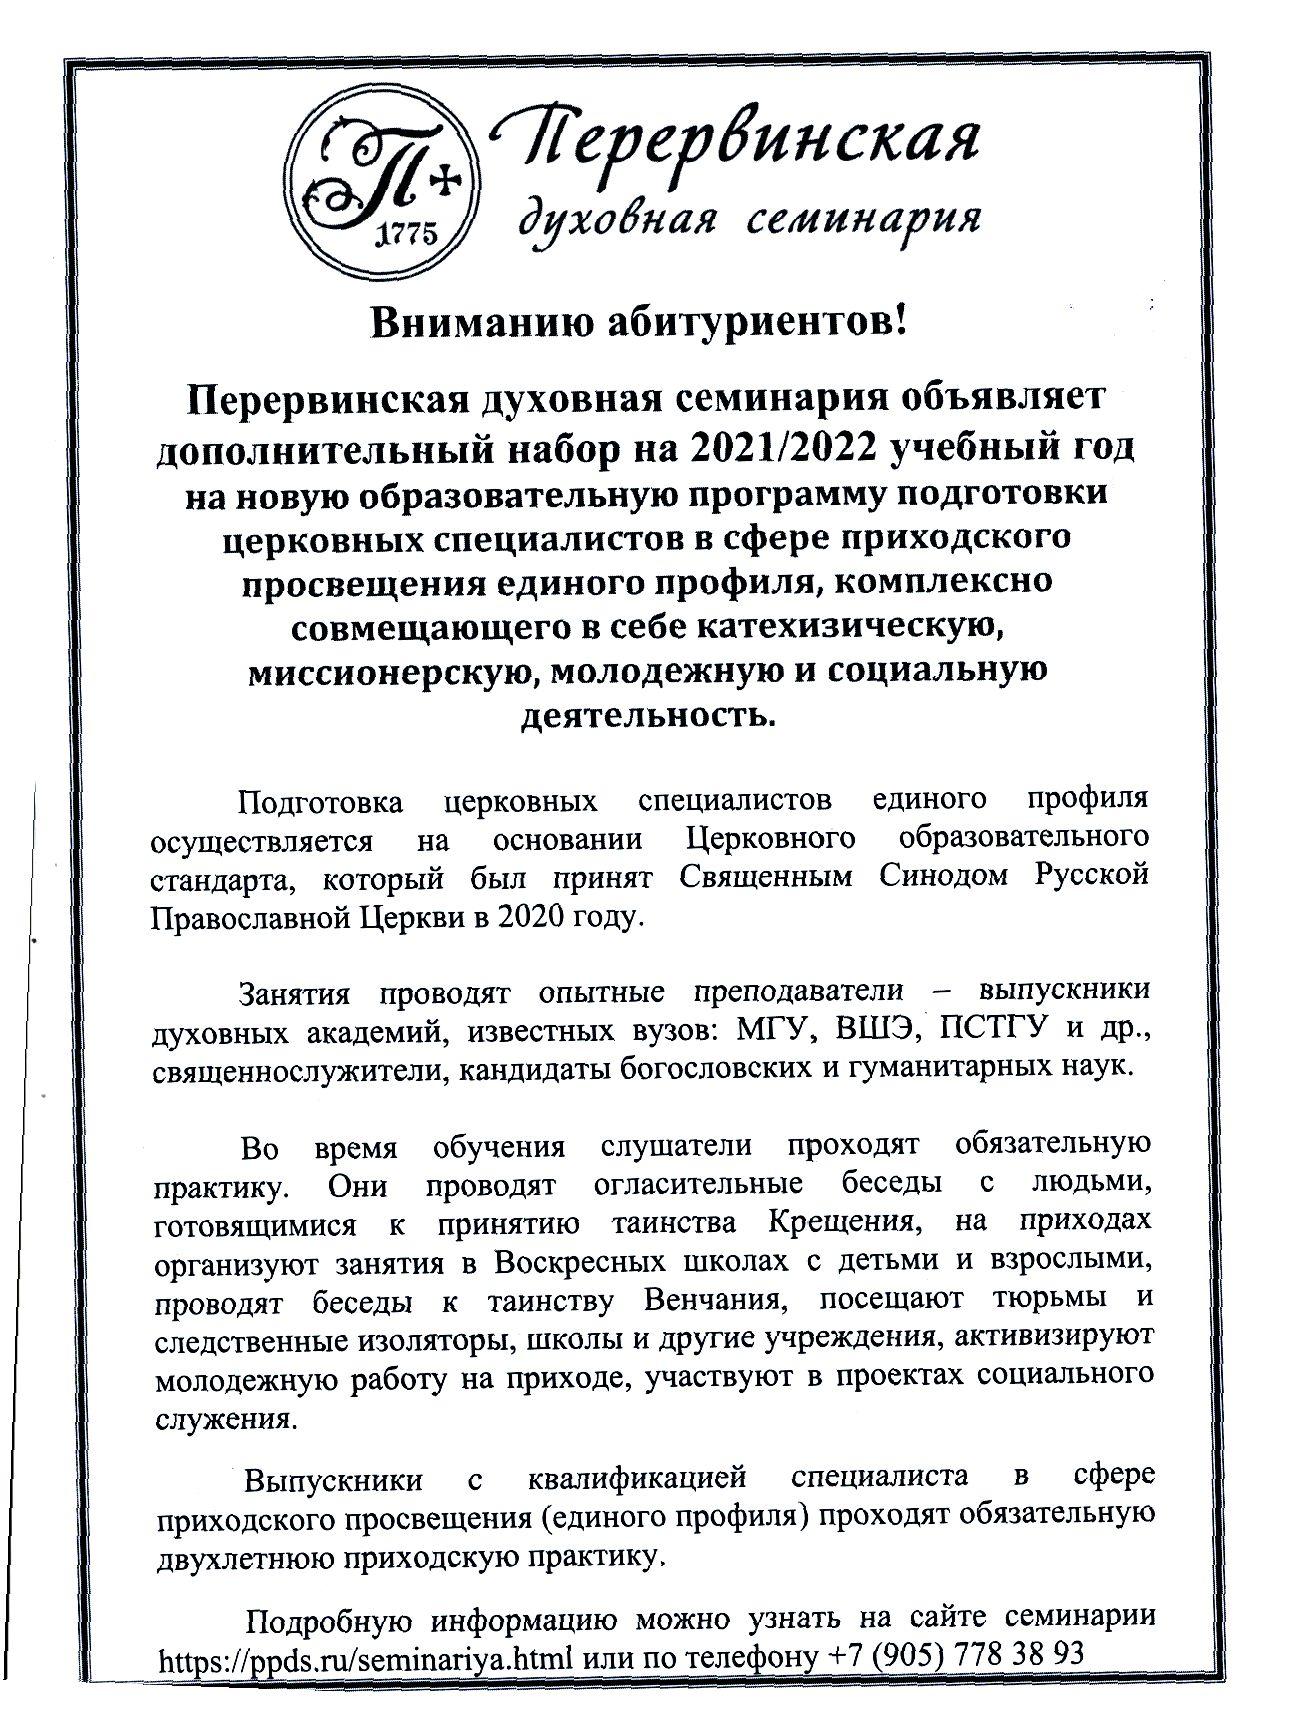 приложение к письму 129-03-с от 12.10.2021  1л.